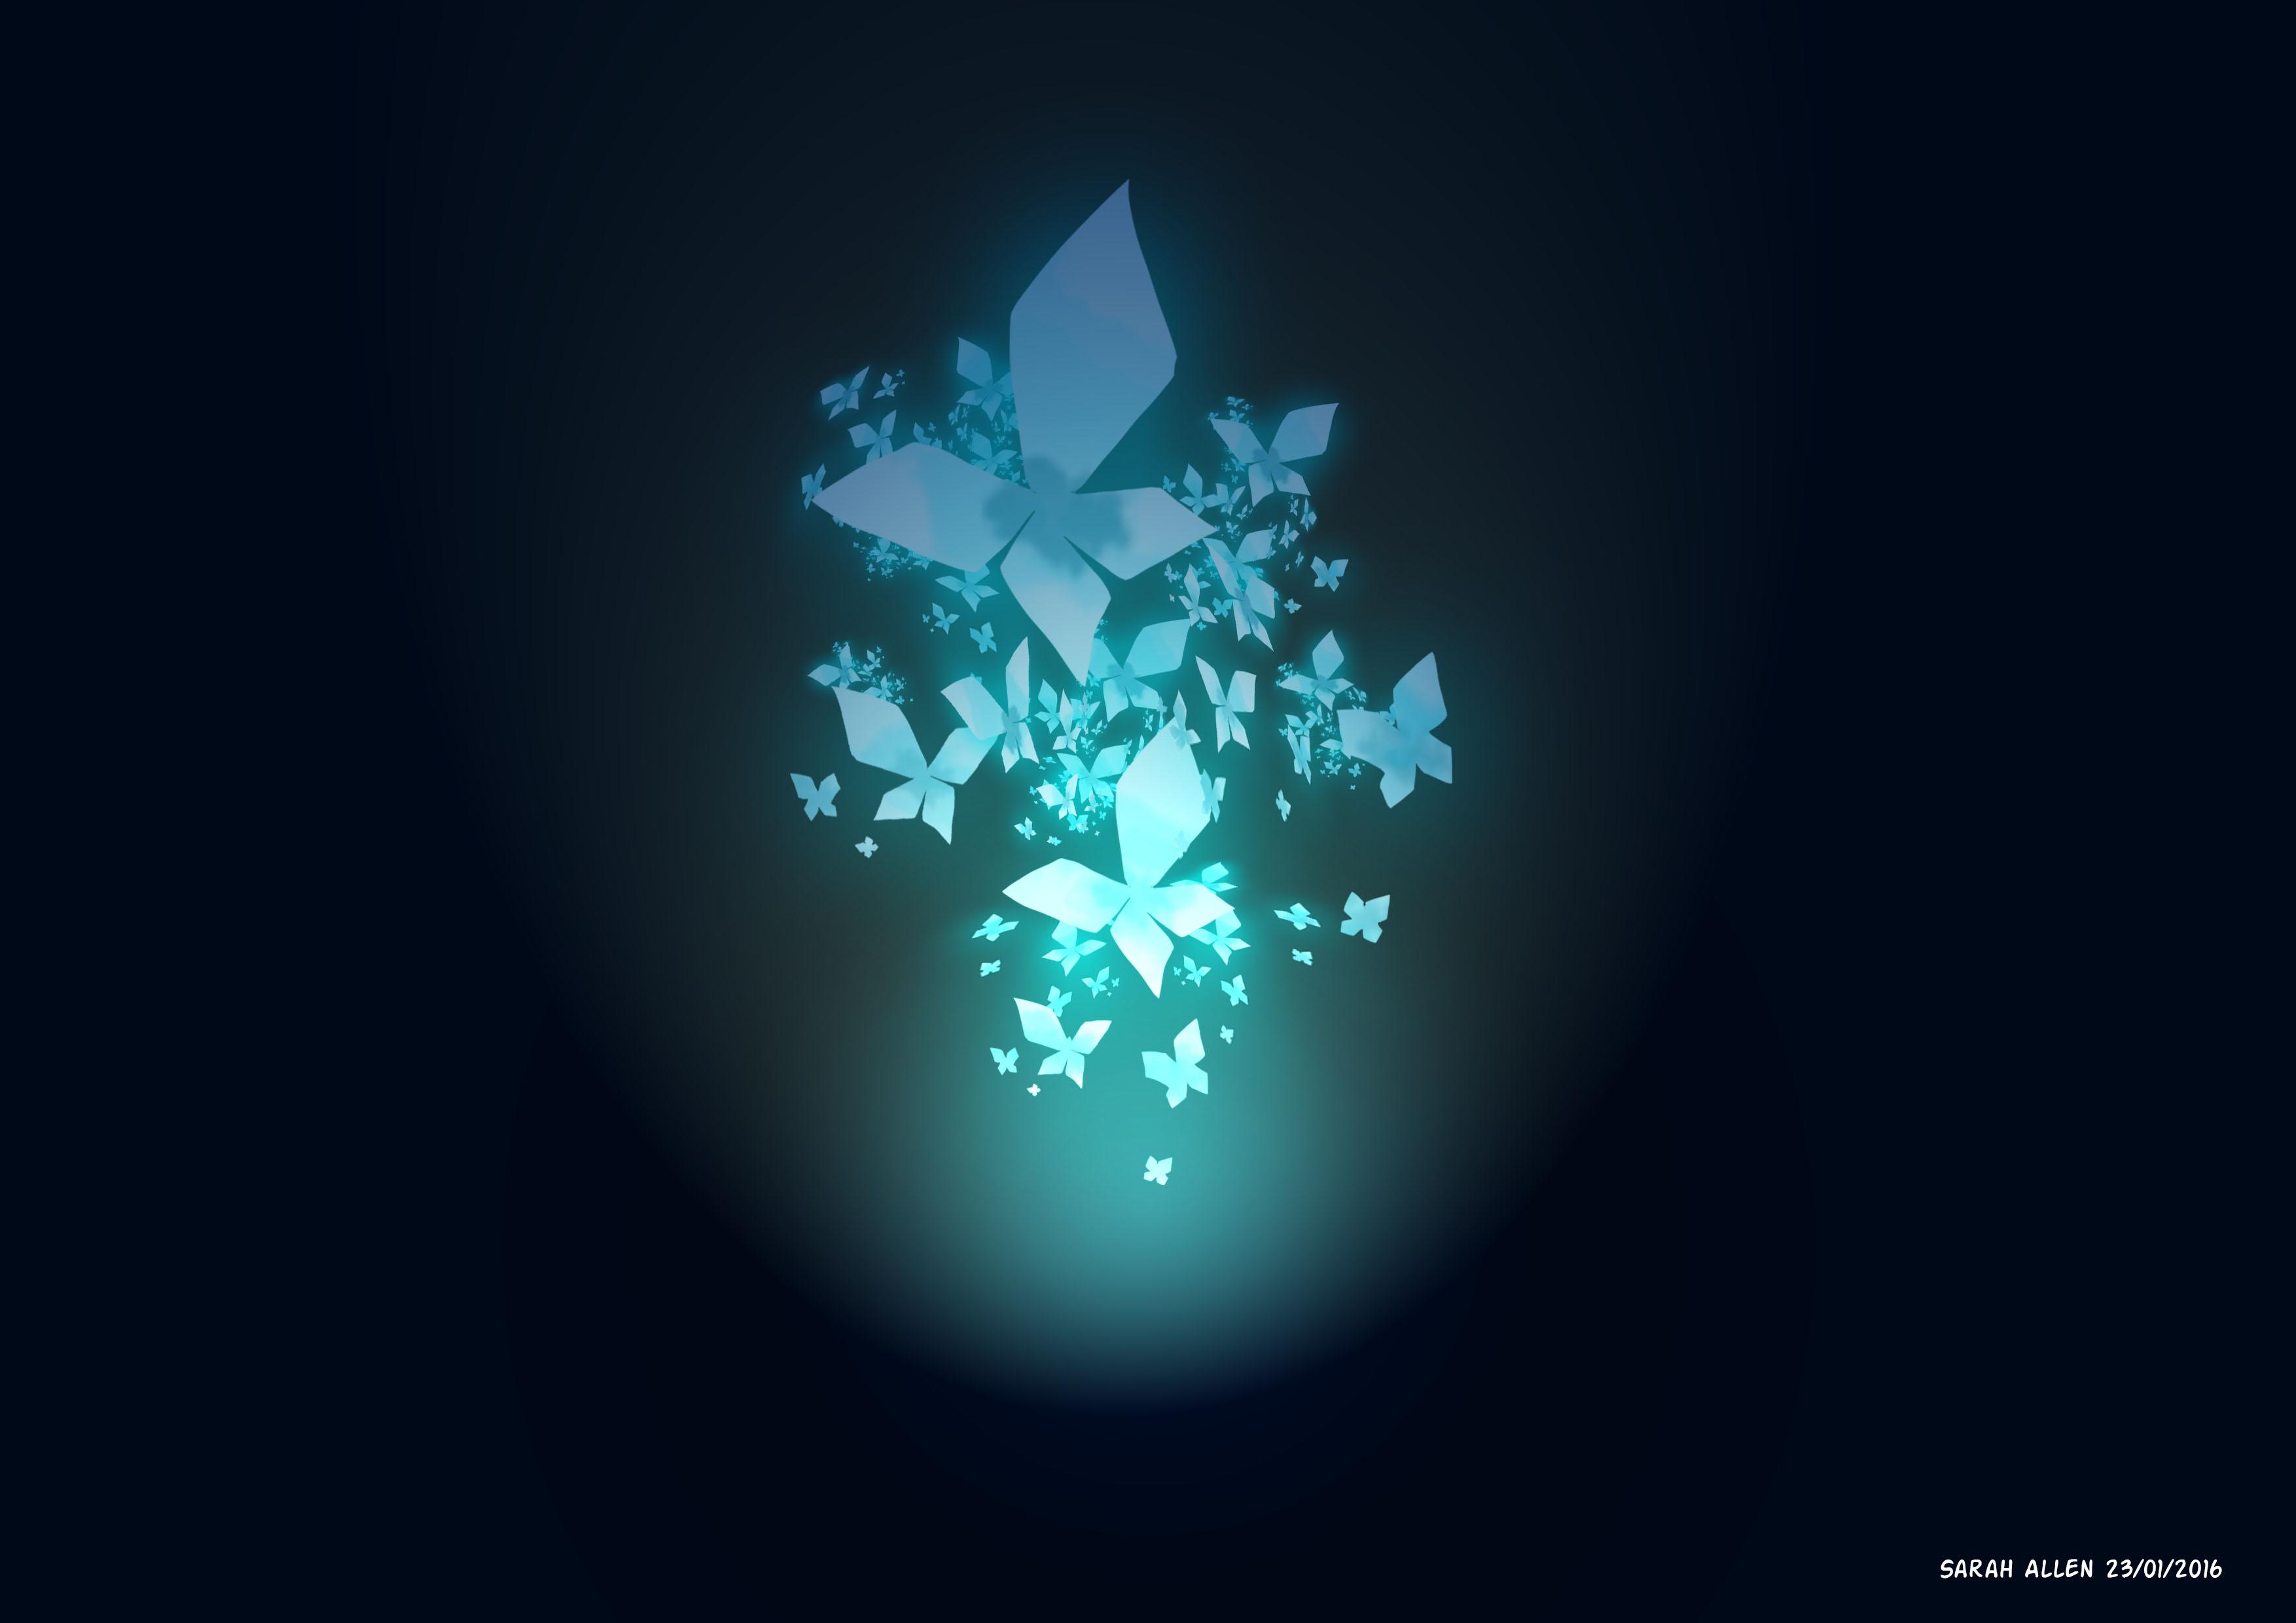 3634252_146176834852_butterflies2.jpg